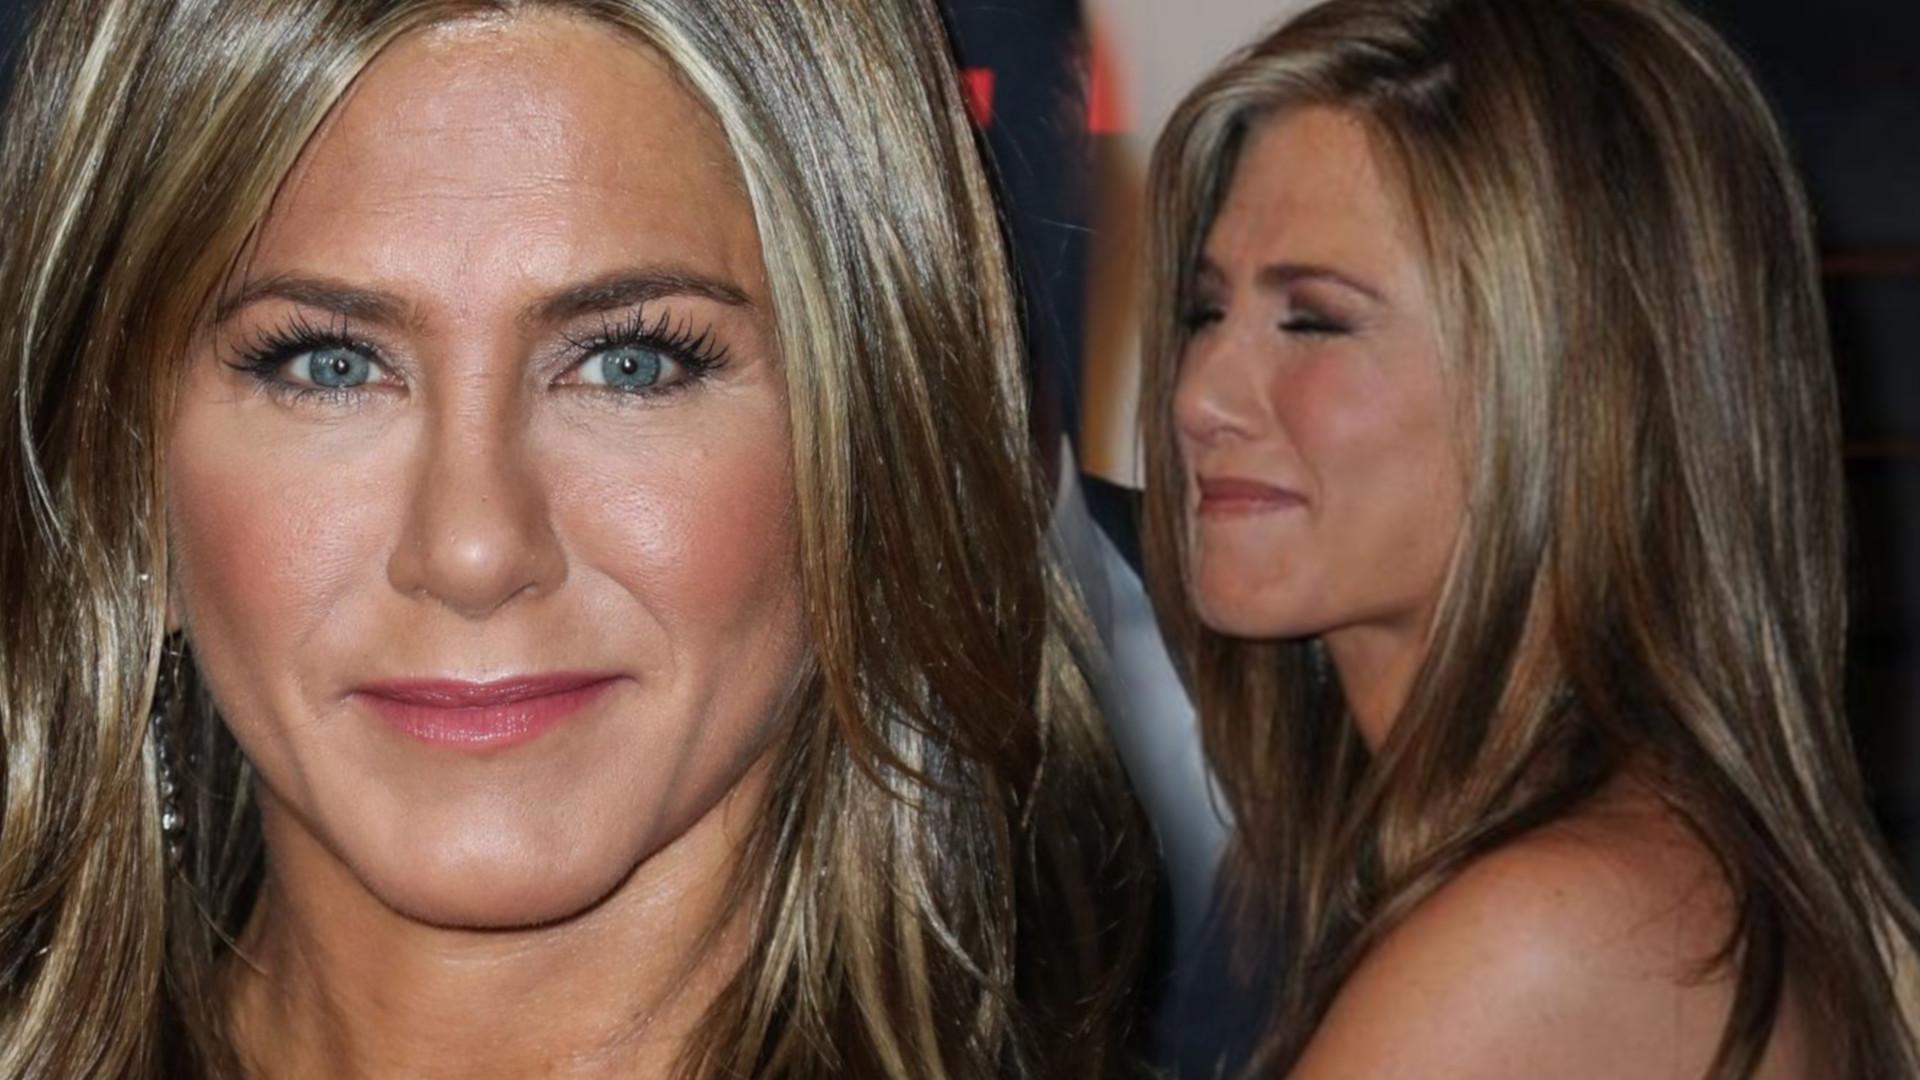 Jennifer Aniston przytyła? Wygląda w tej kreacji wyjątkowo niekorzystnie